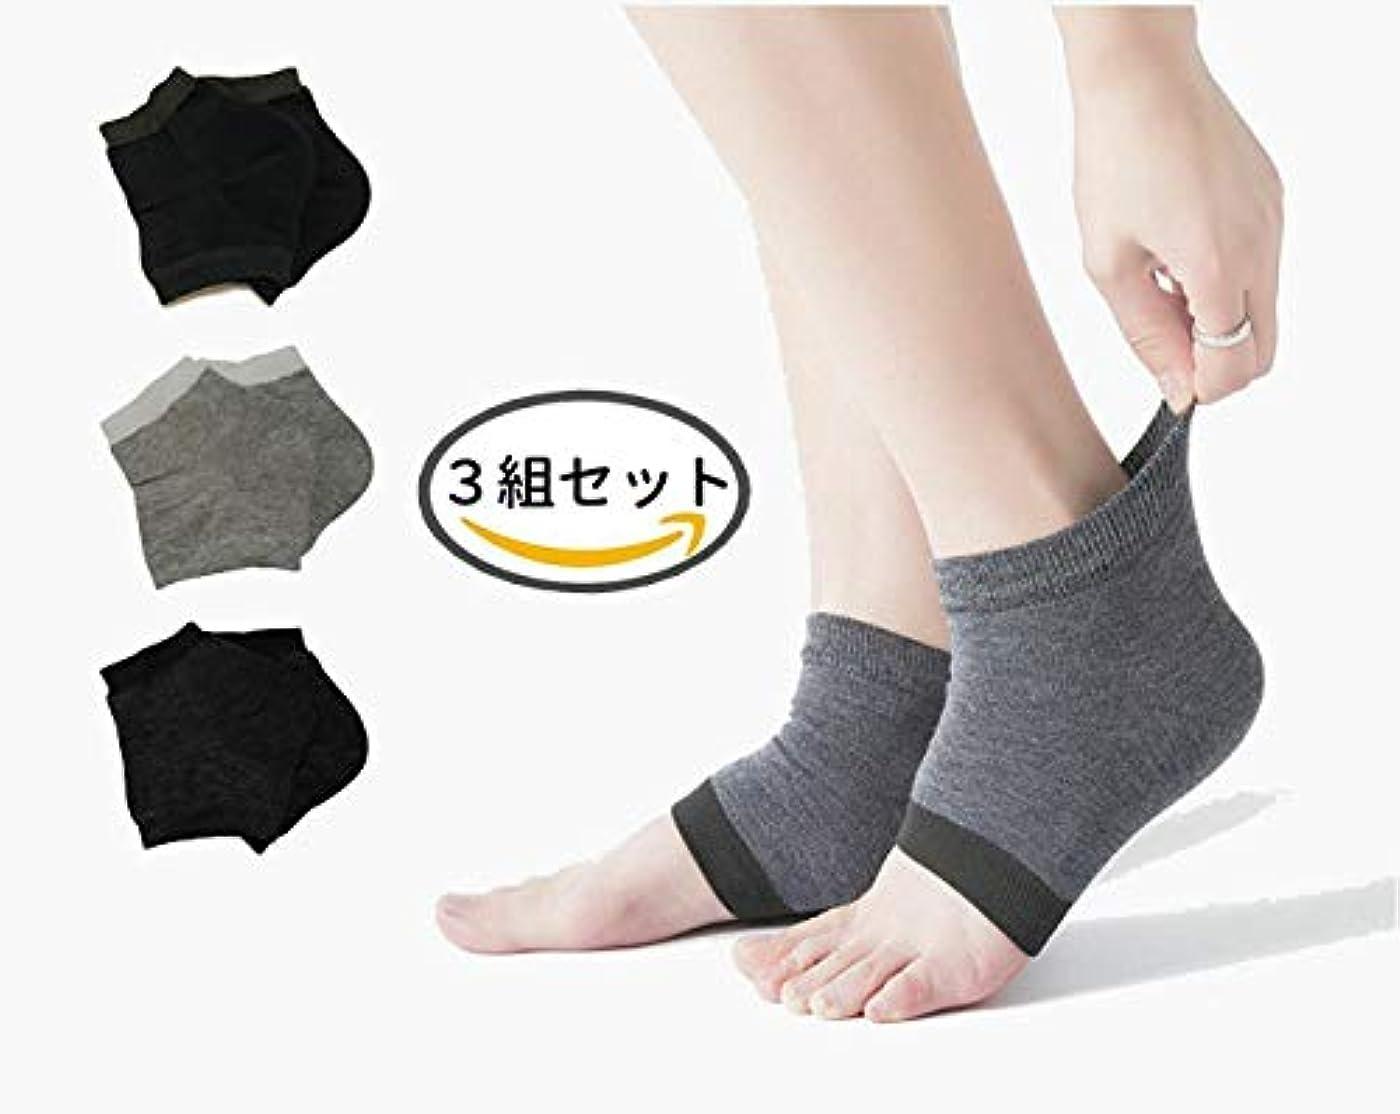 関与する仮説平手打ちLumiele かかとつるつる 靴下 かかとケア かかとサポーター 3色セット